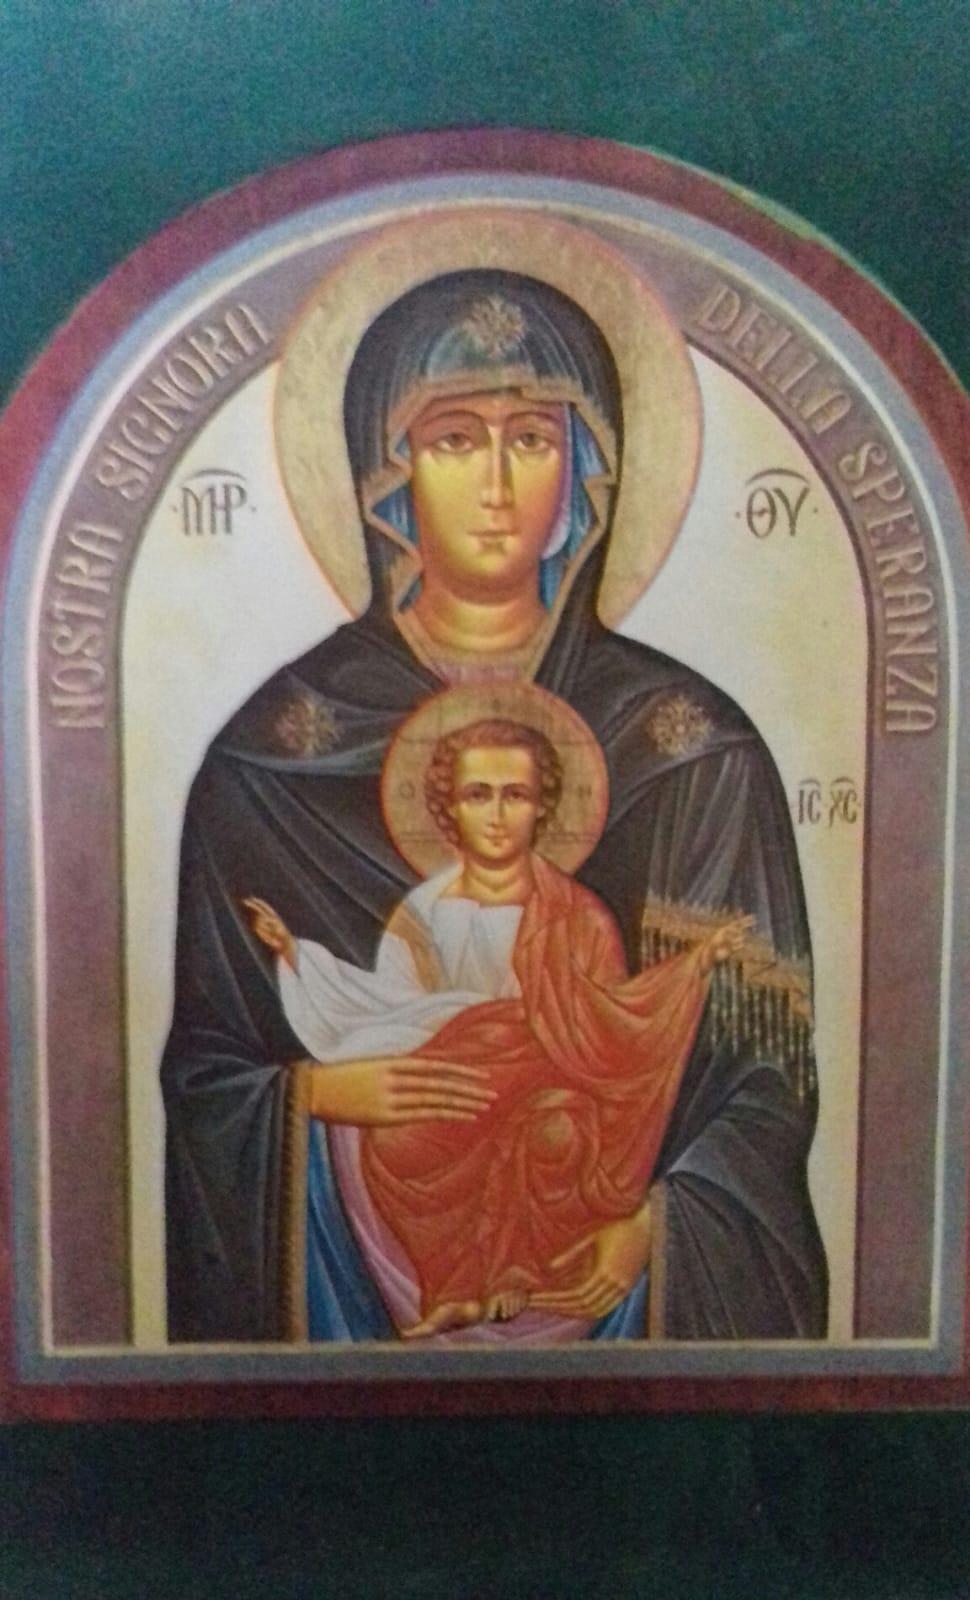 Palermo, Processione della Missione in occasione dell'Assunzione della Beata Vergine Maria